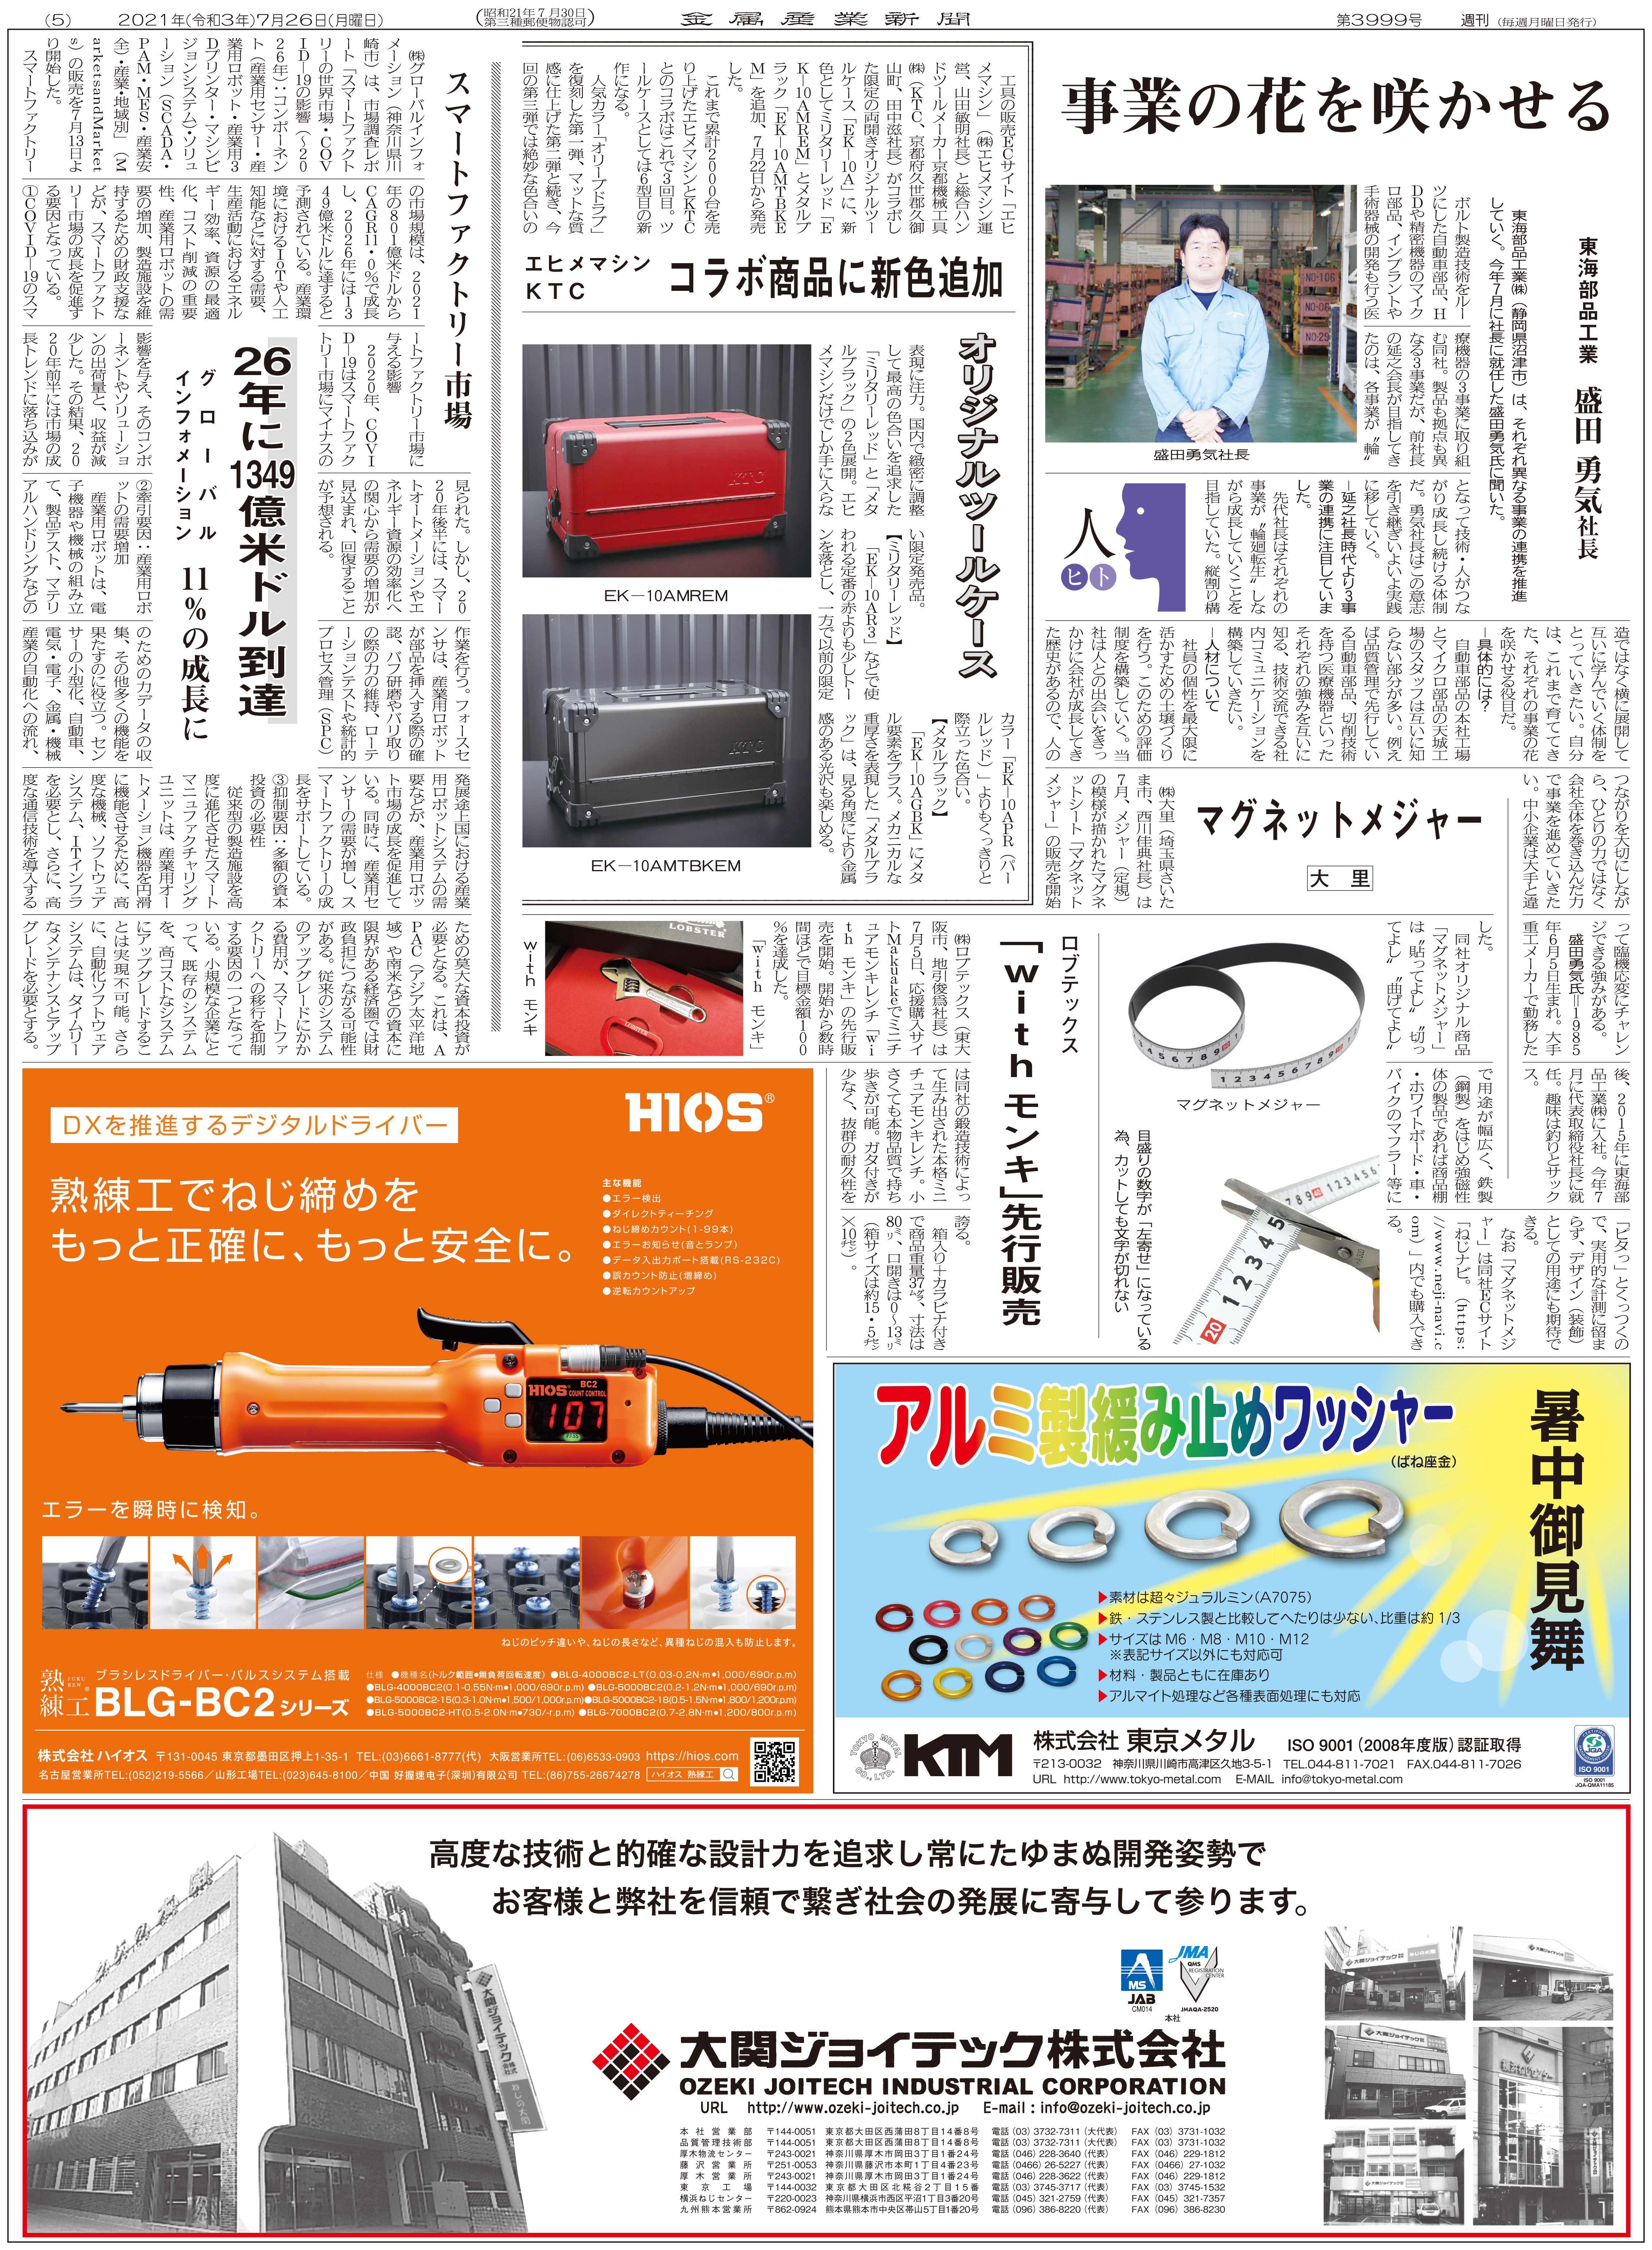 金属産業新聞 2021年7月30日号